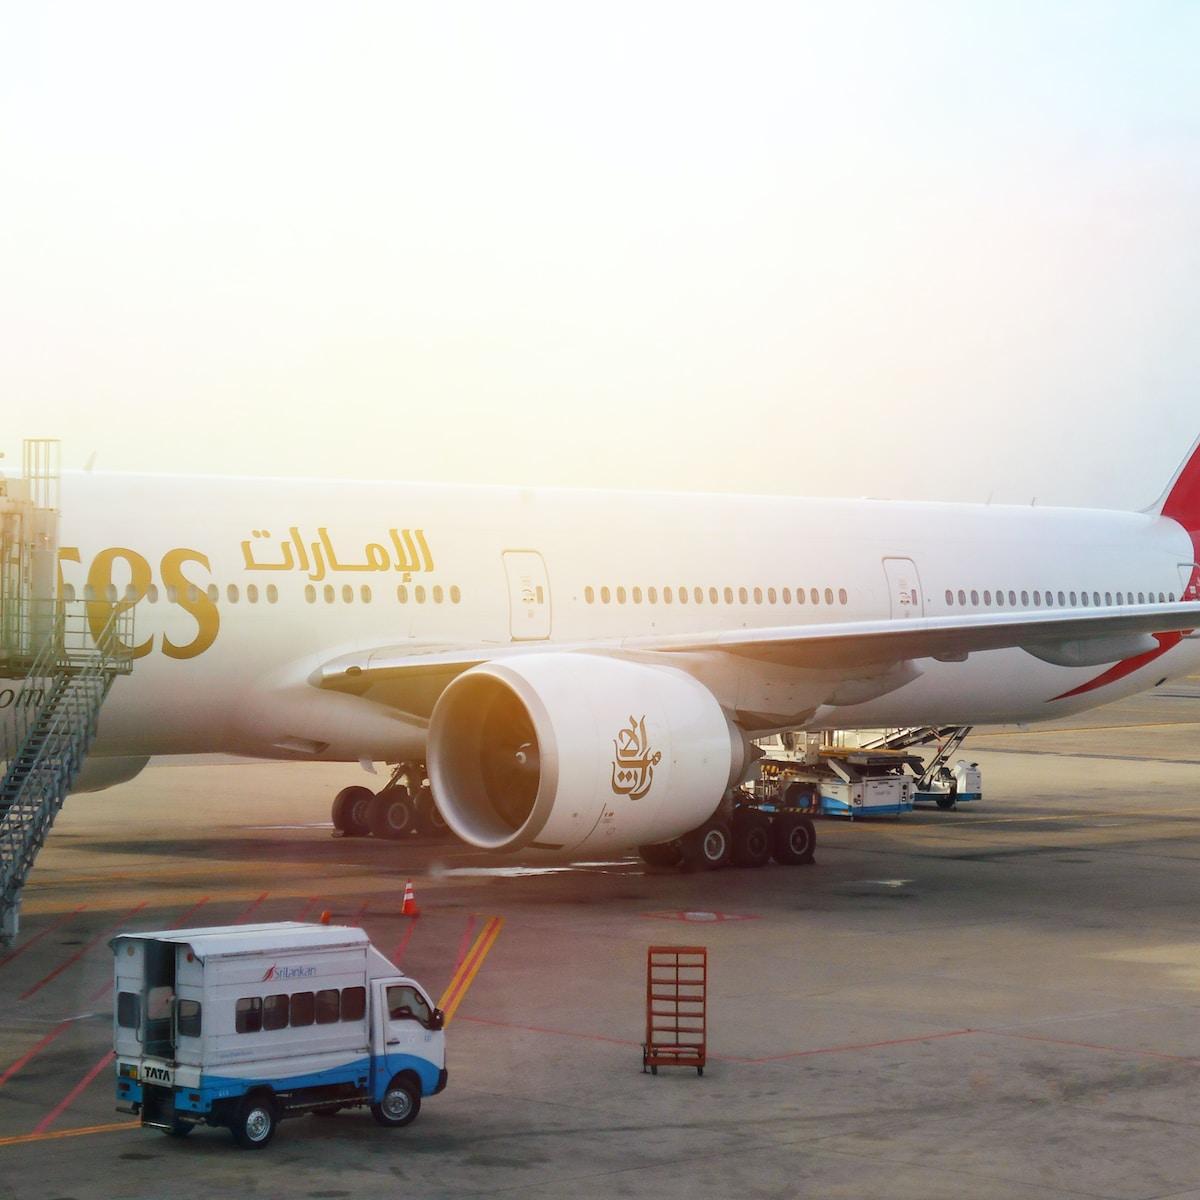 UAE Flight: Emirates Suspends Nigeria Until Further Notice